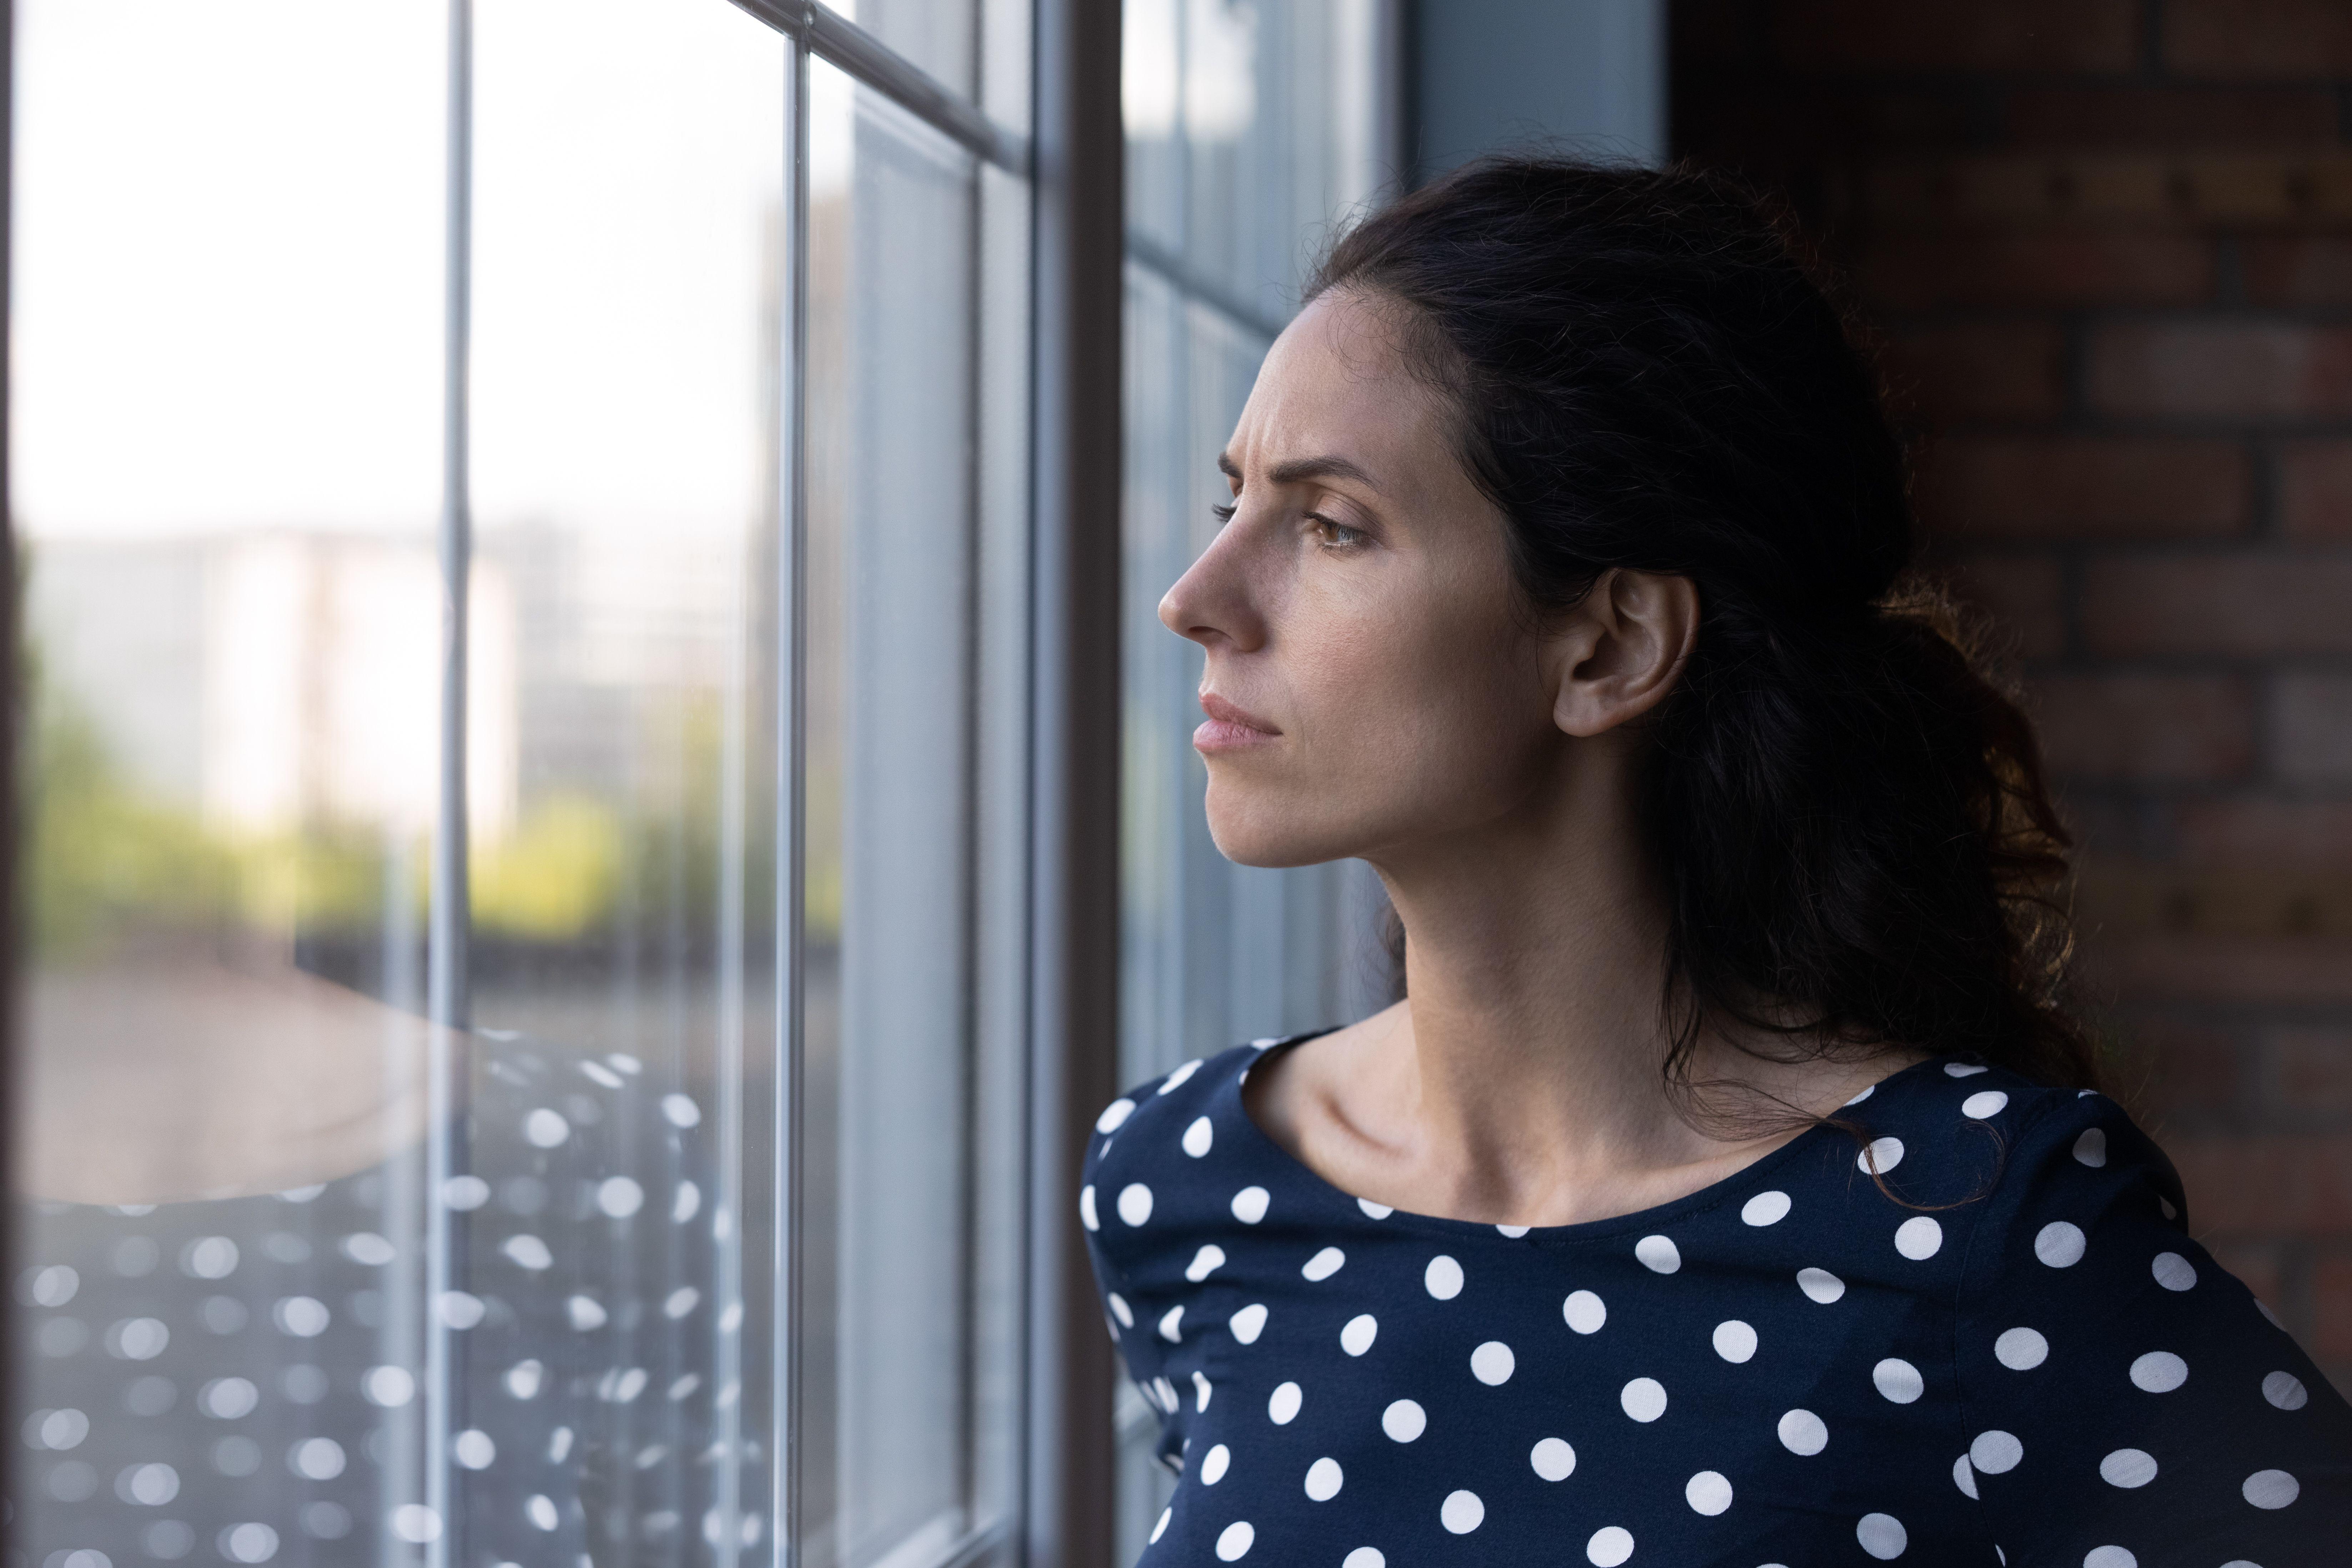 Kvinne som ser bekymringsfult ut vinduet.